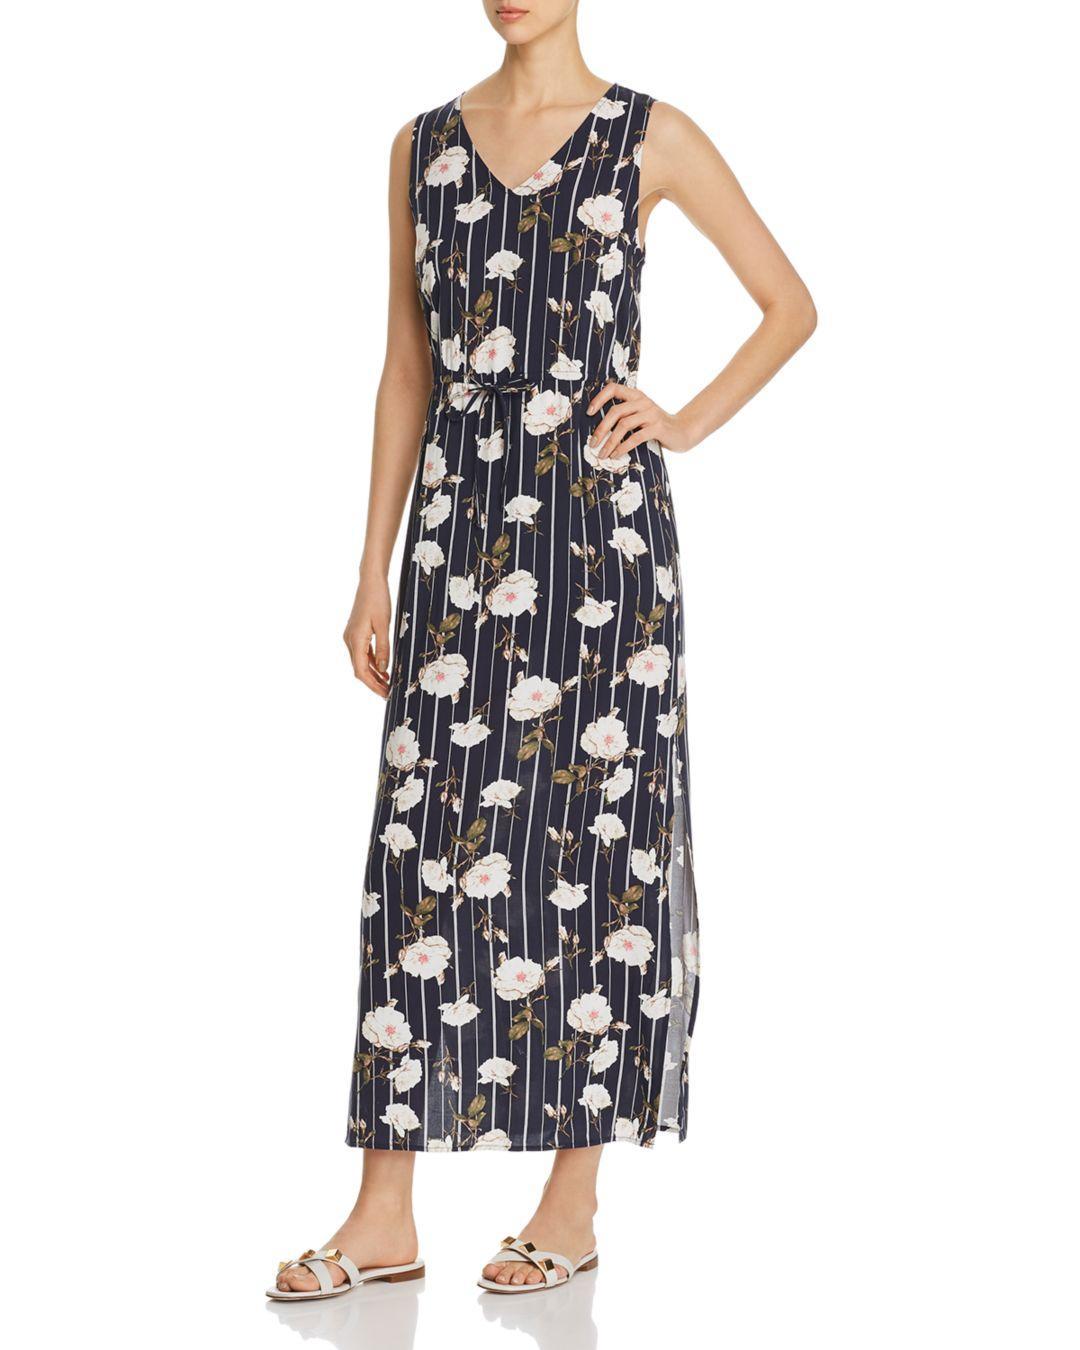 6a292a639e Vero Moda. Women s Floral Maxi Dress